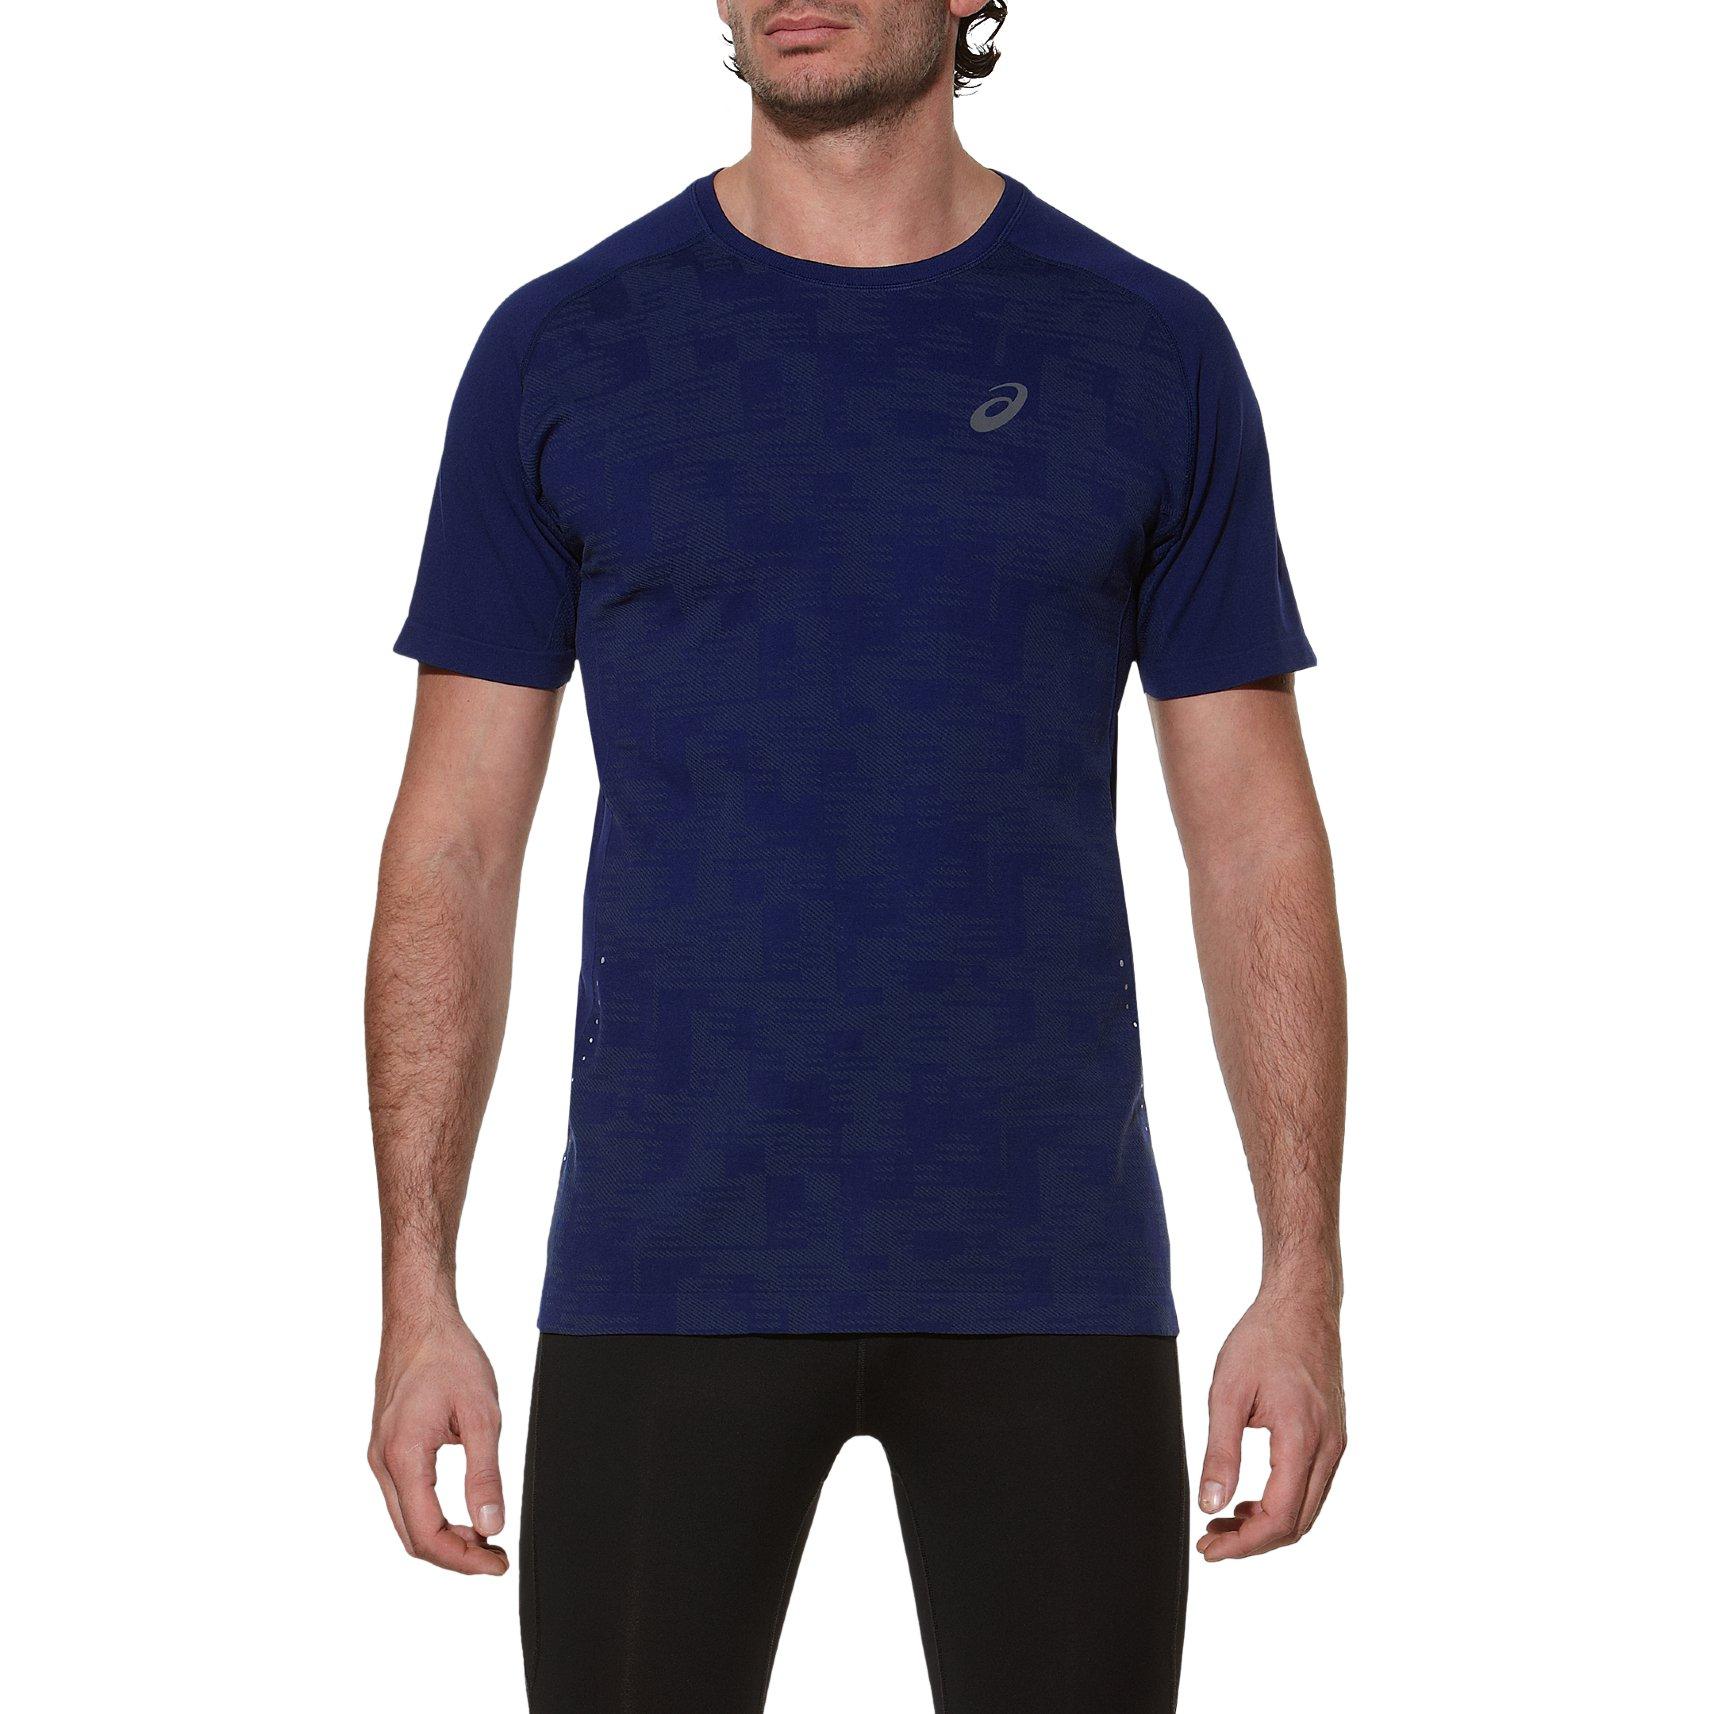 Купить футболку Asics SS Seamless Top   Интернет-магазин Лаборатория ... f0242052679